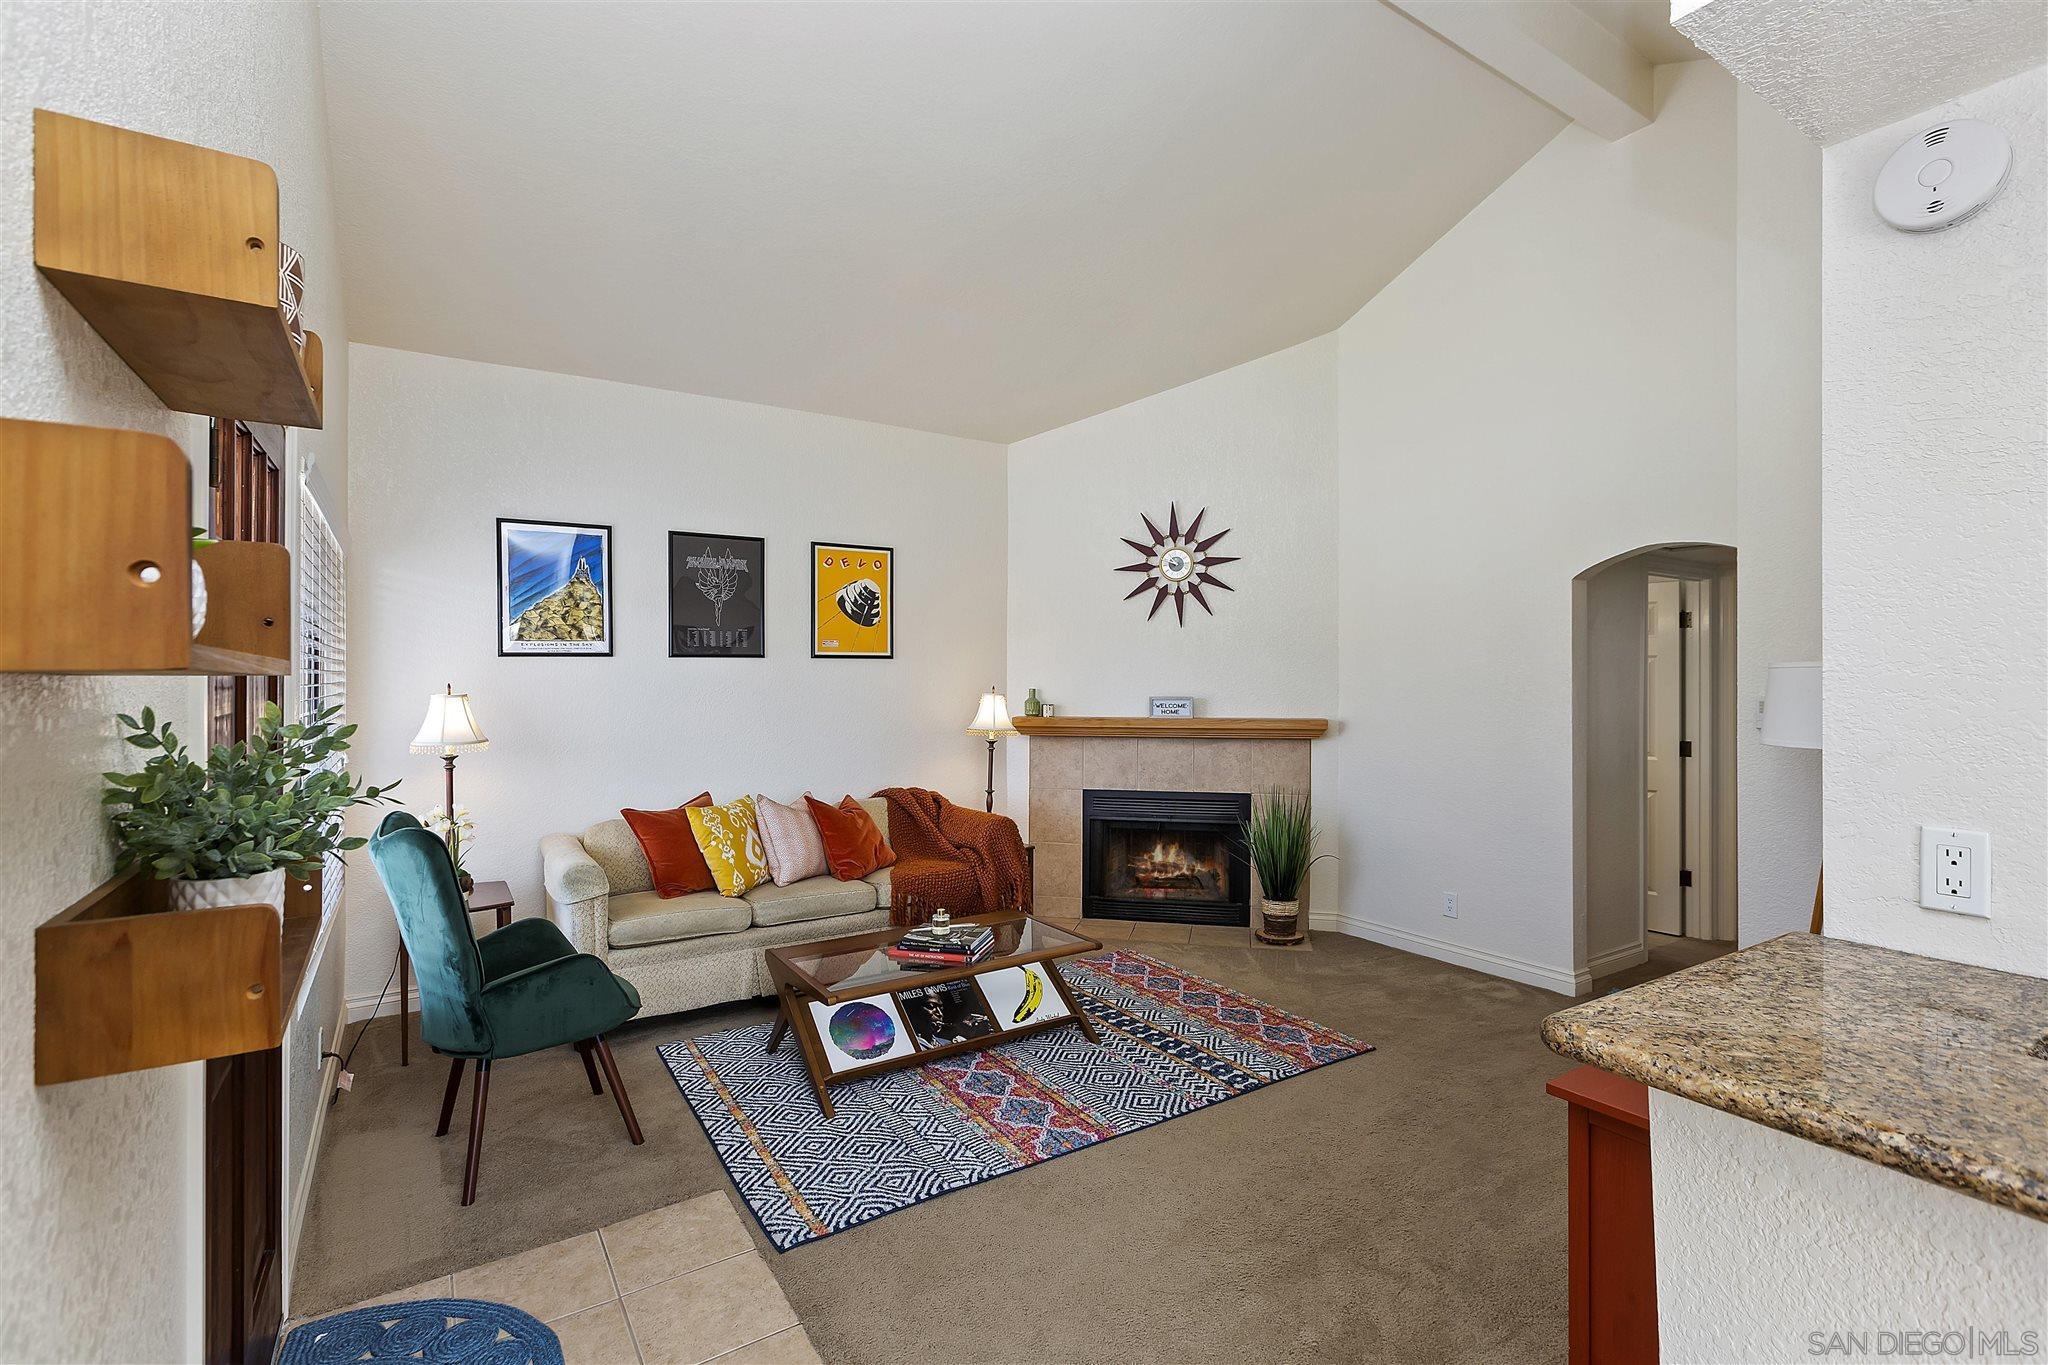 4466 Dawson Ave 7, San Diego, CA 92115